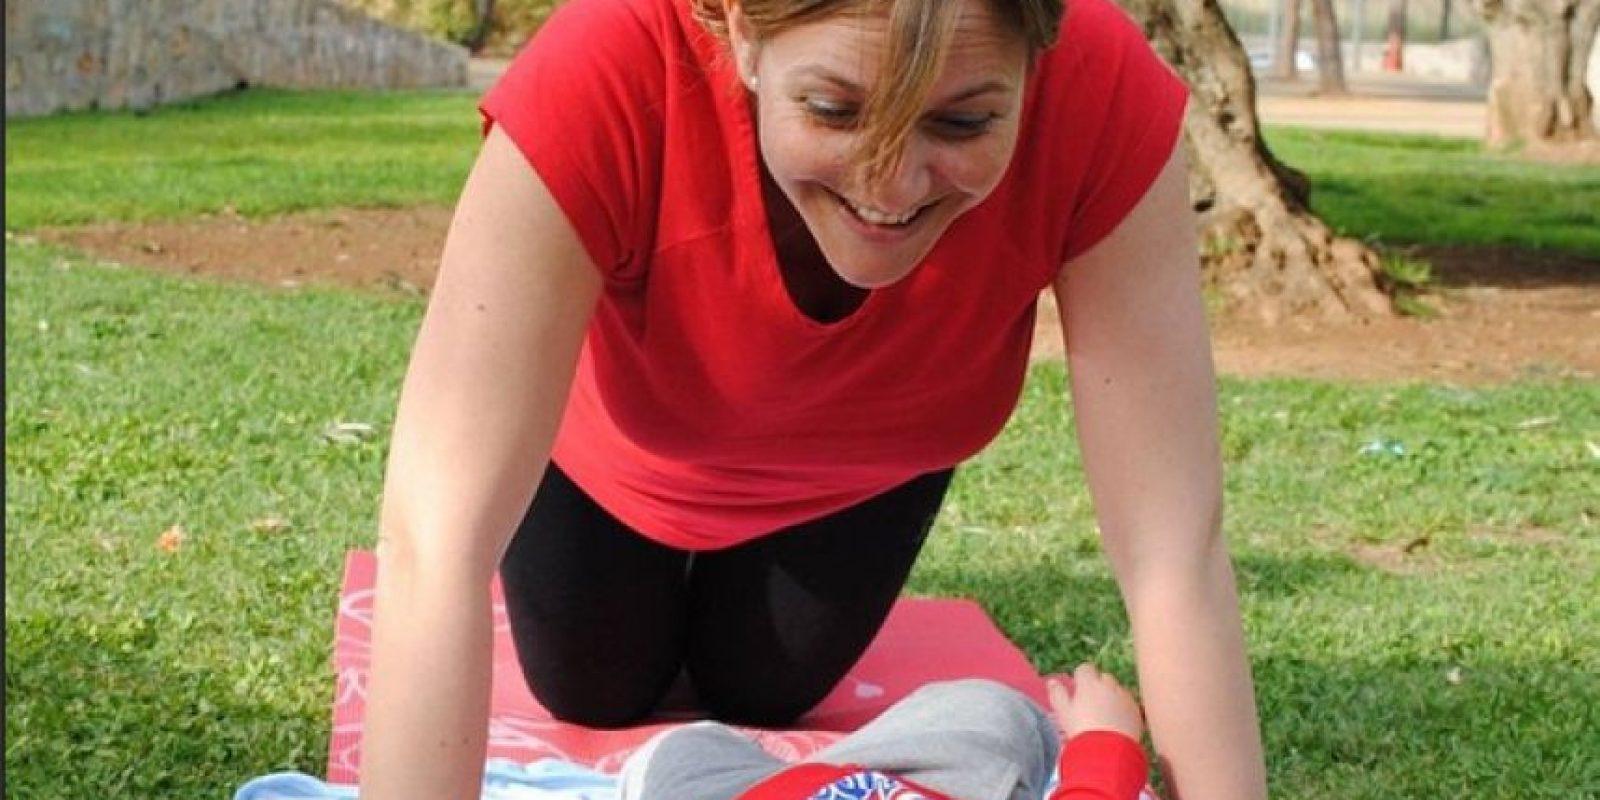 2. Gimnasia abdominal hipopresiva Foto:Vía instagram.com/mamifit.es